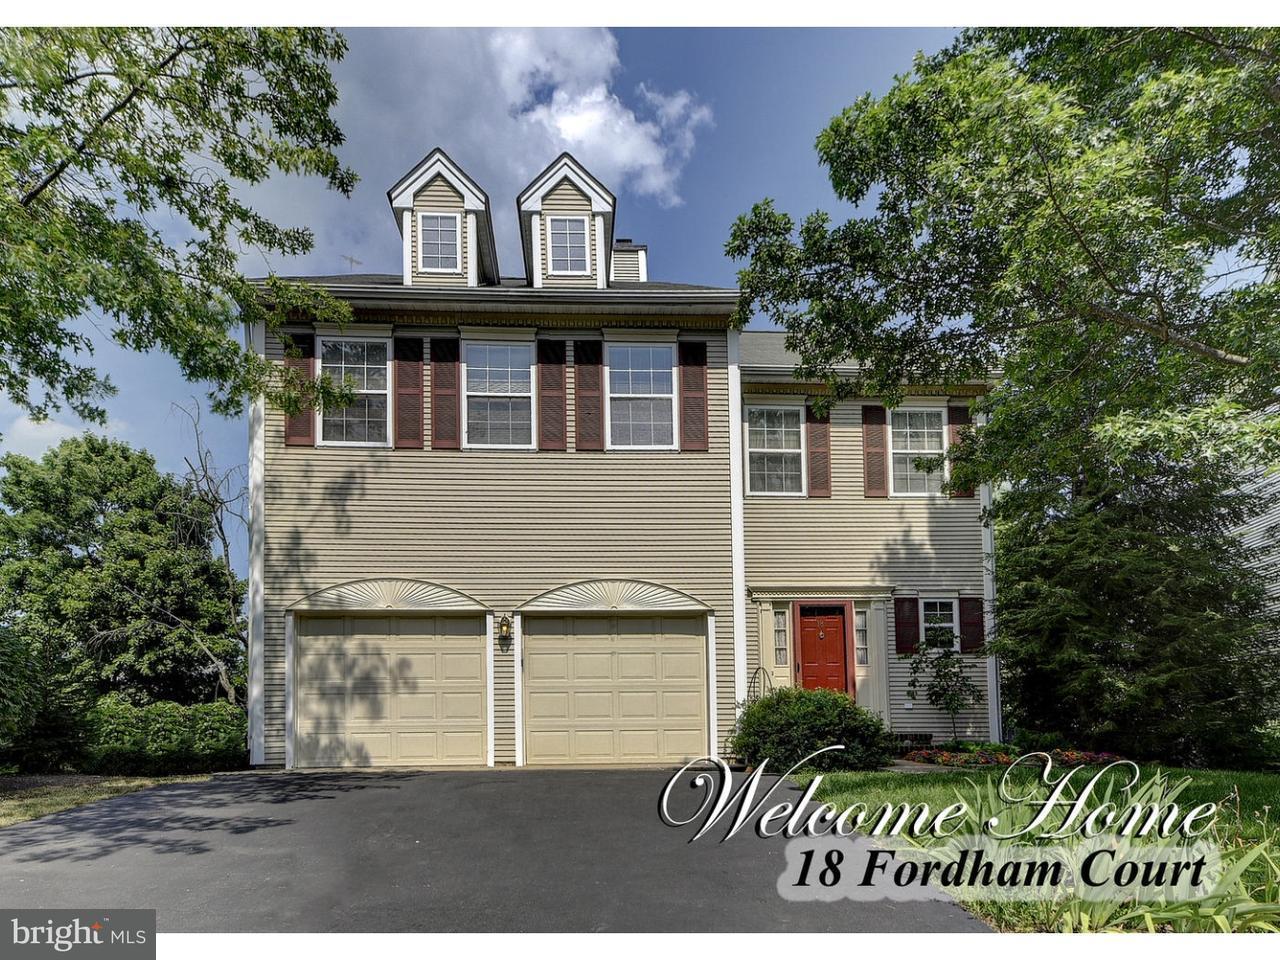 独户住宅 为 销售 在 18 FORDHAM Court 肯德尔帕克, 新泽西州 08824 美国在/周边: South Brunswick Township